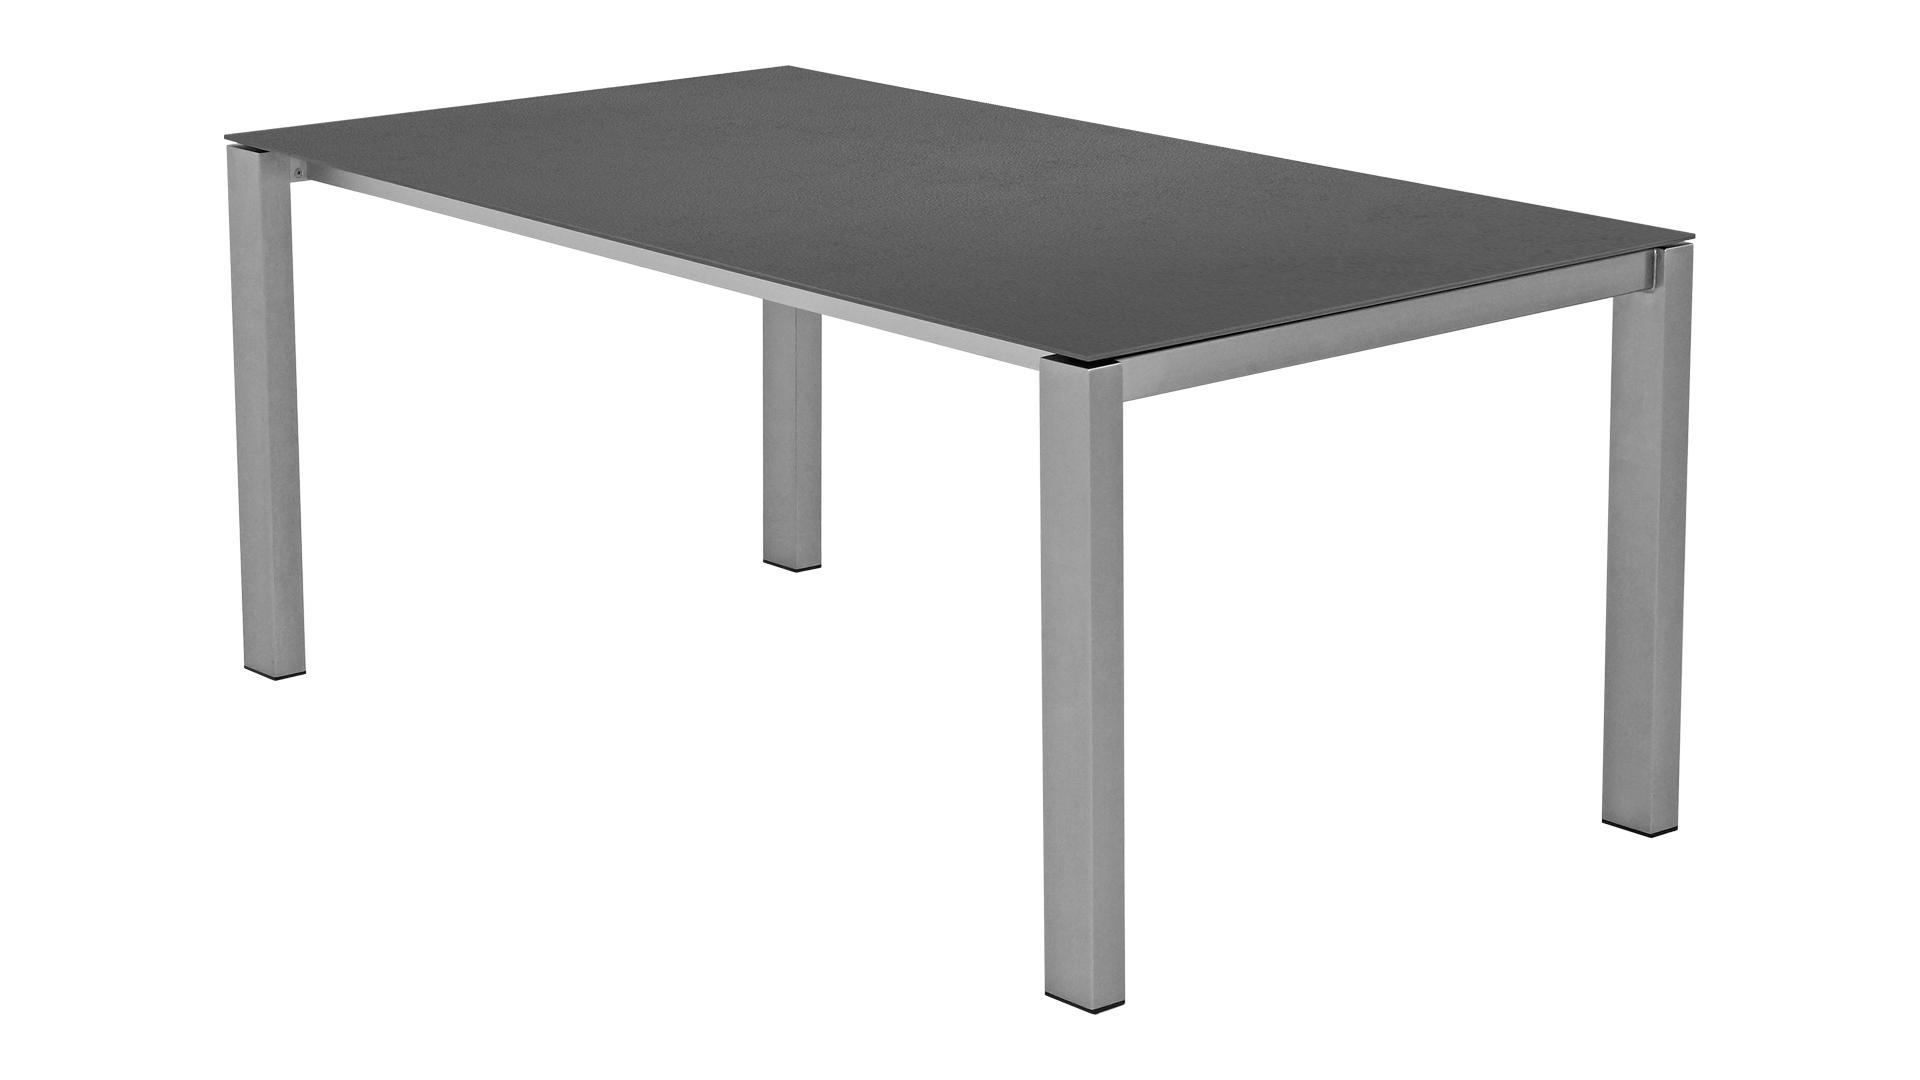 SUMMIT 952006 220-280-340x100 cm AZ Tisch Beine 80x50 mm